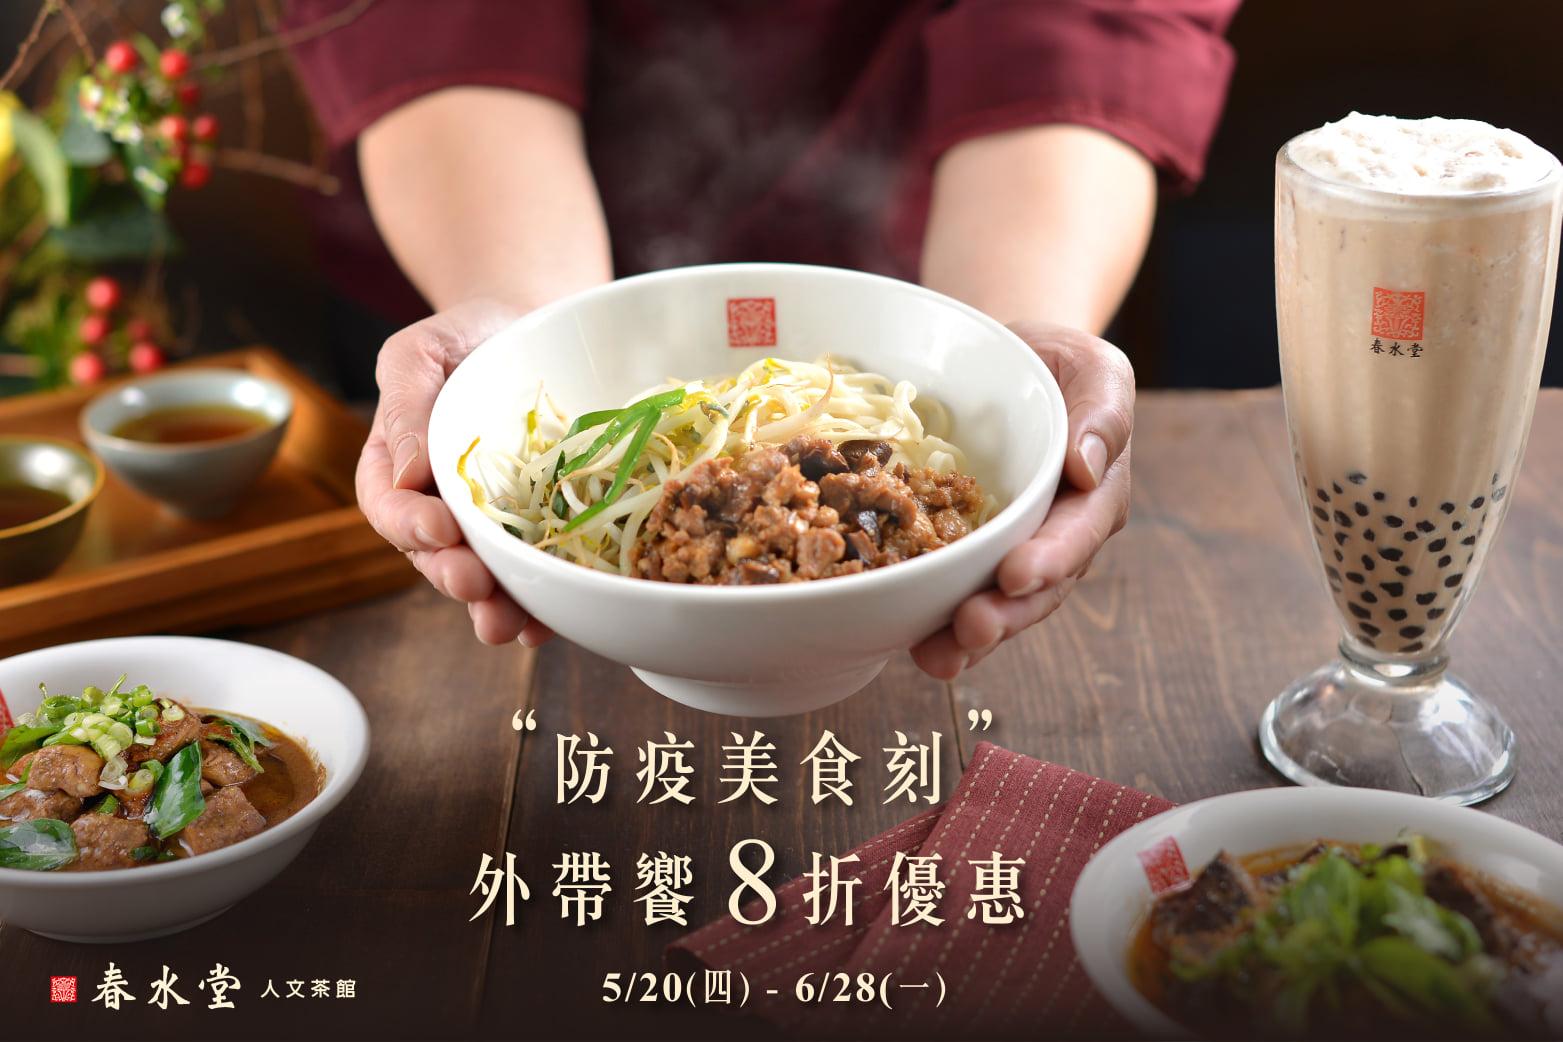 台北外帶美食 優惠餐廳總整理 防疫期間外帶優惠總整理! 連鎖品牌外帶優惠懶人包 4